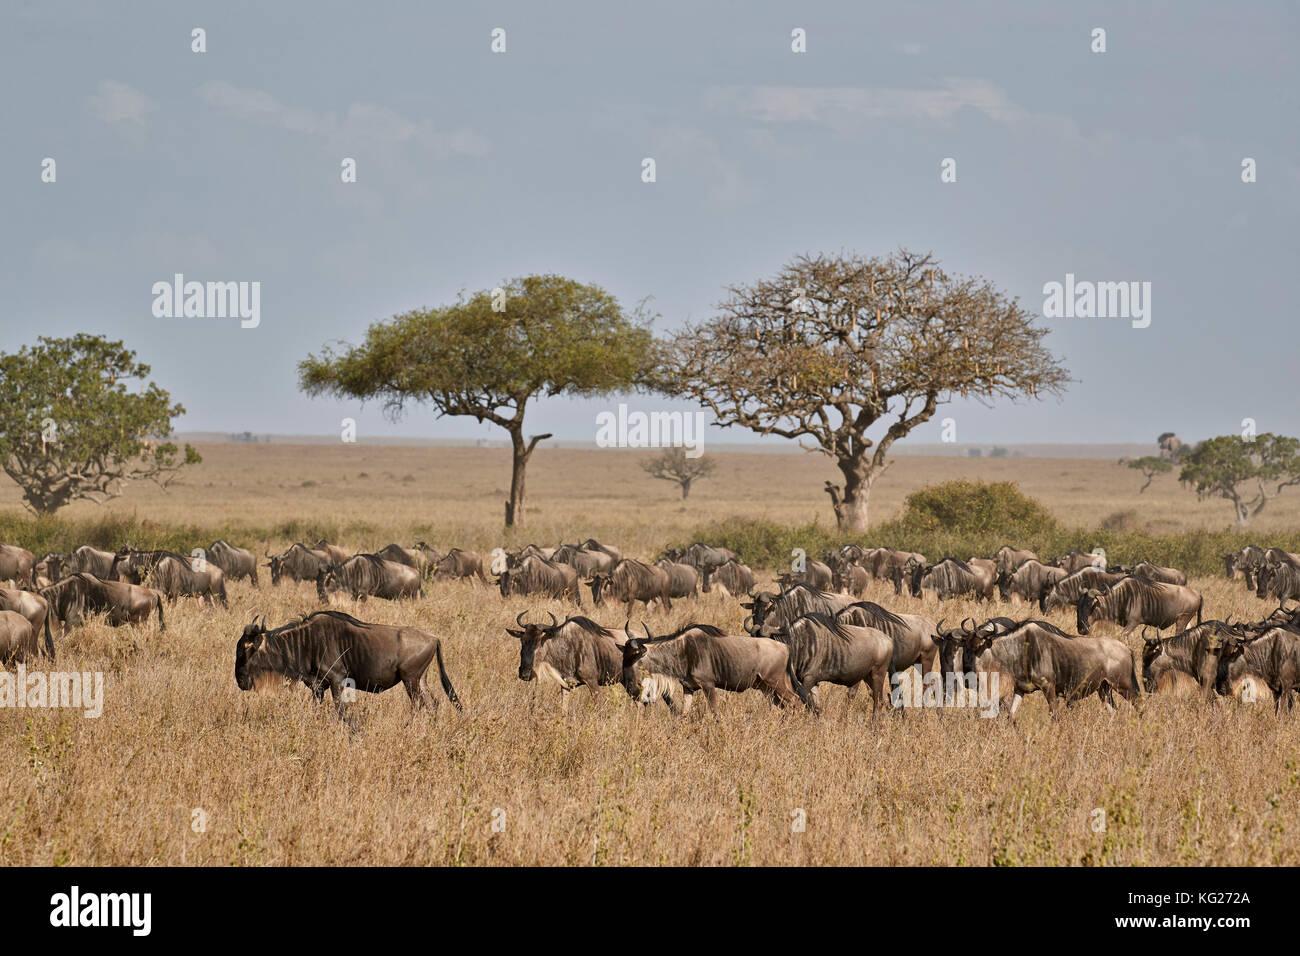 Blue GNU (GNU Borchiati) (connochaetes taurinus) migrazione, Serengeti National Park, Tanzania, Africa orientale, Foto Stock